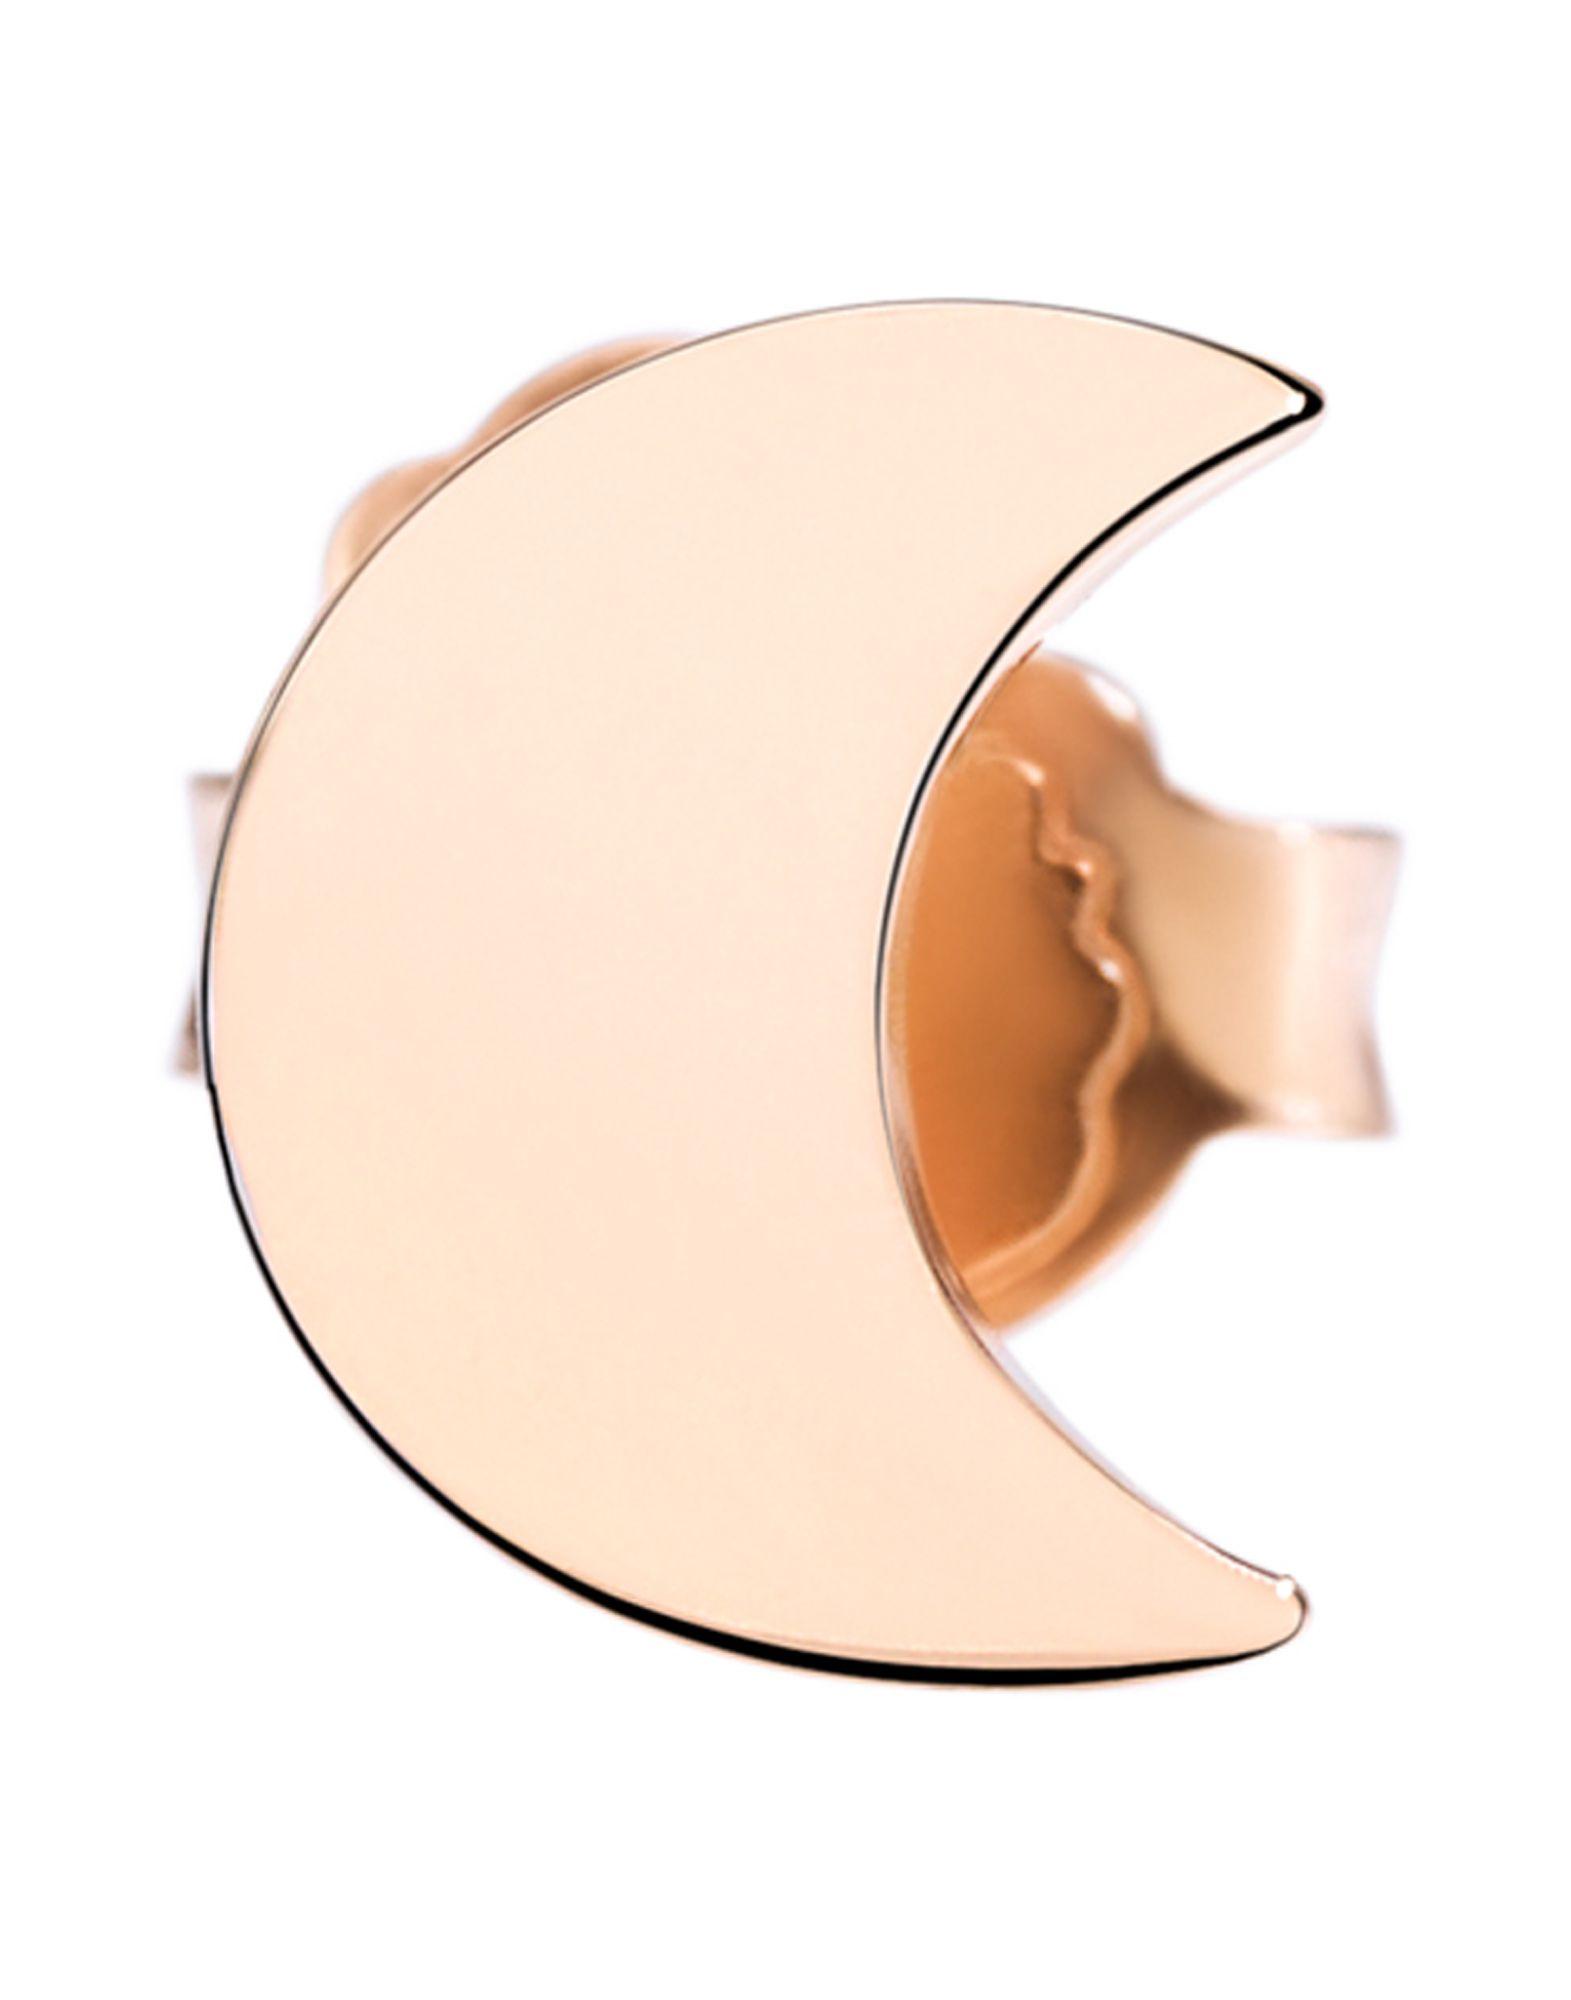 Orecchino Dodo Moon Stud Earring - Donna - Acquista online su